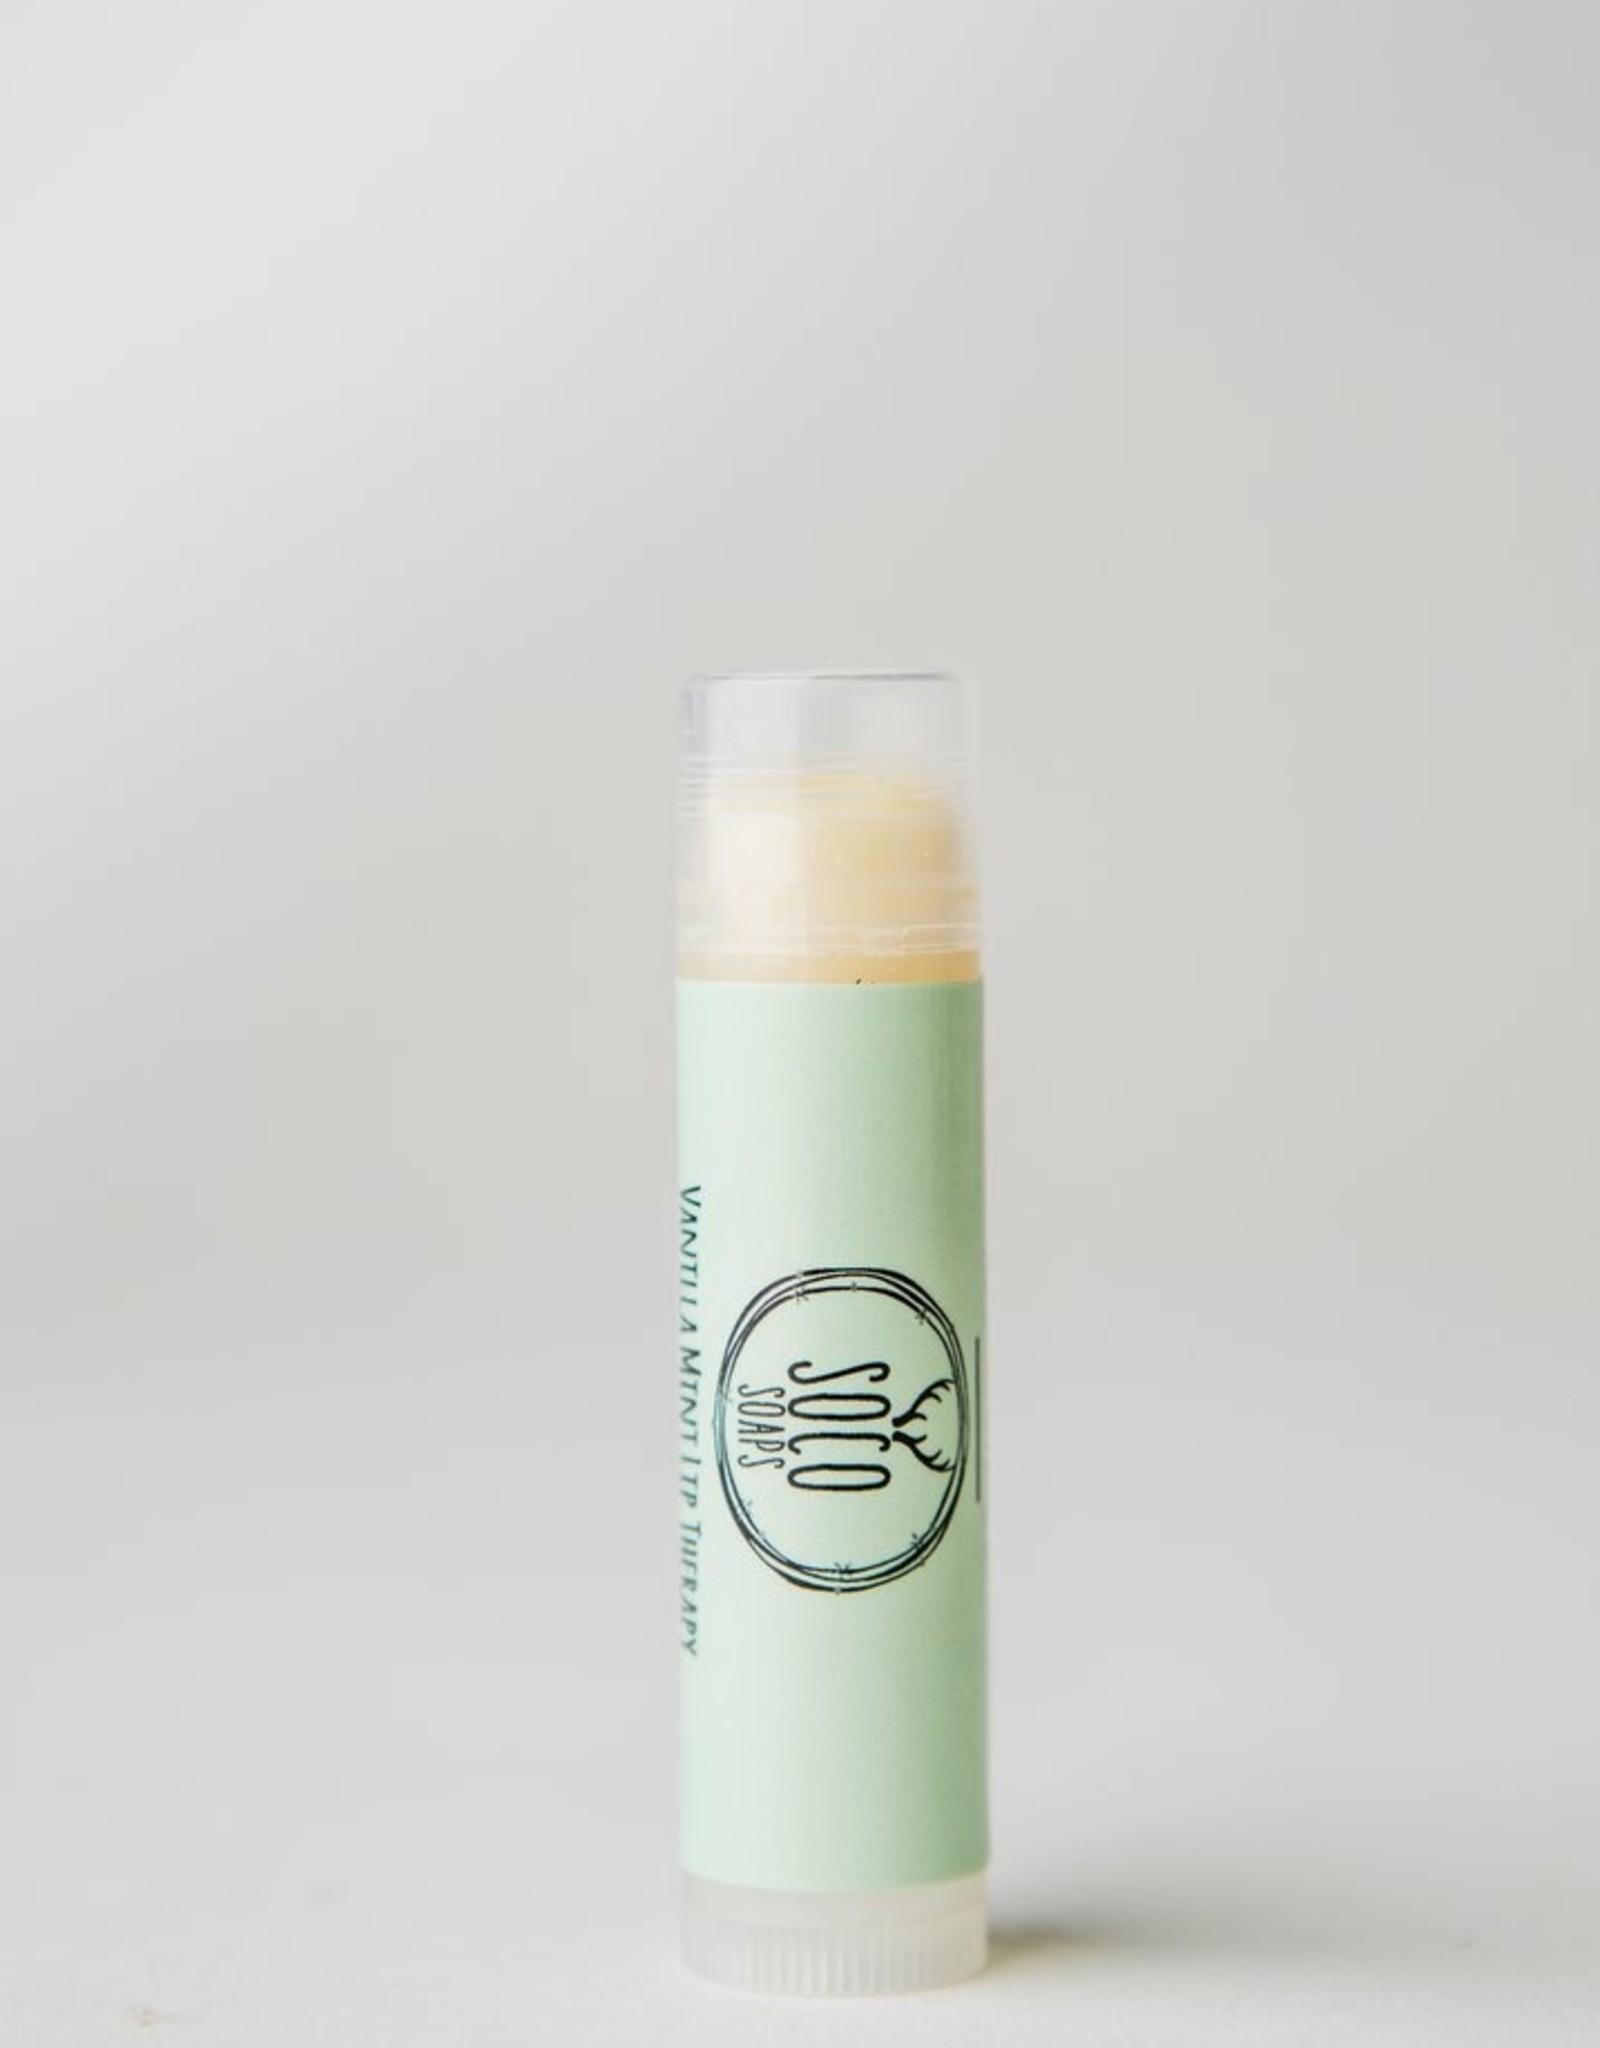 Soco Soco Lip Therapy